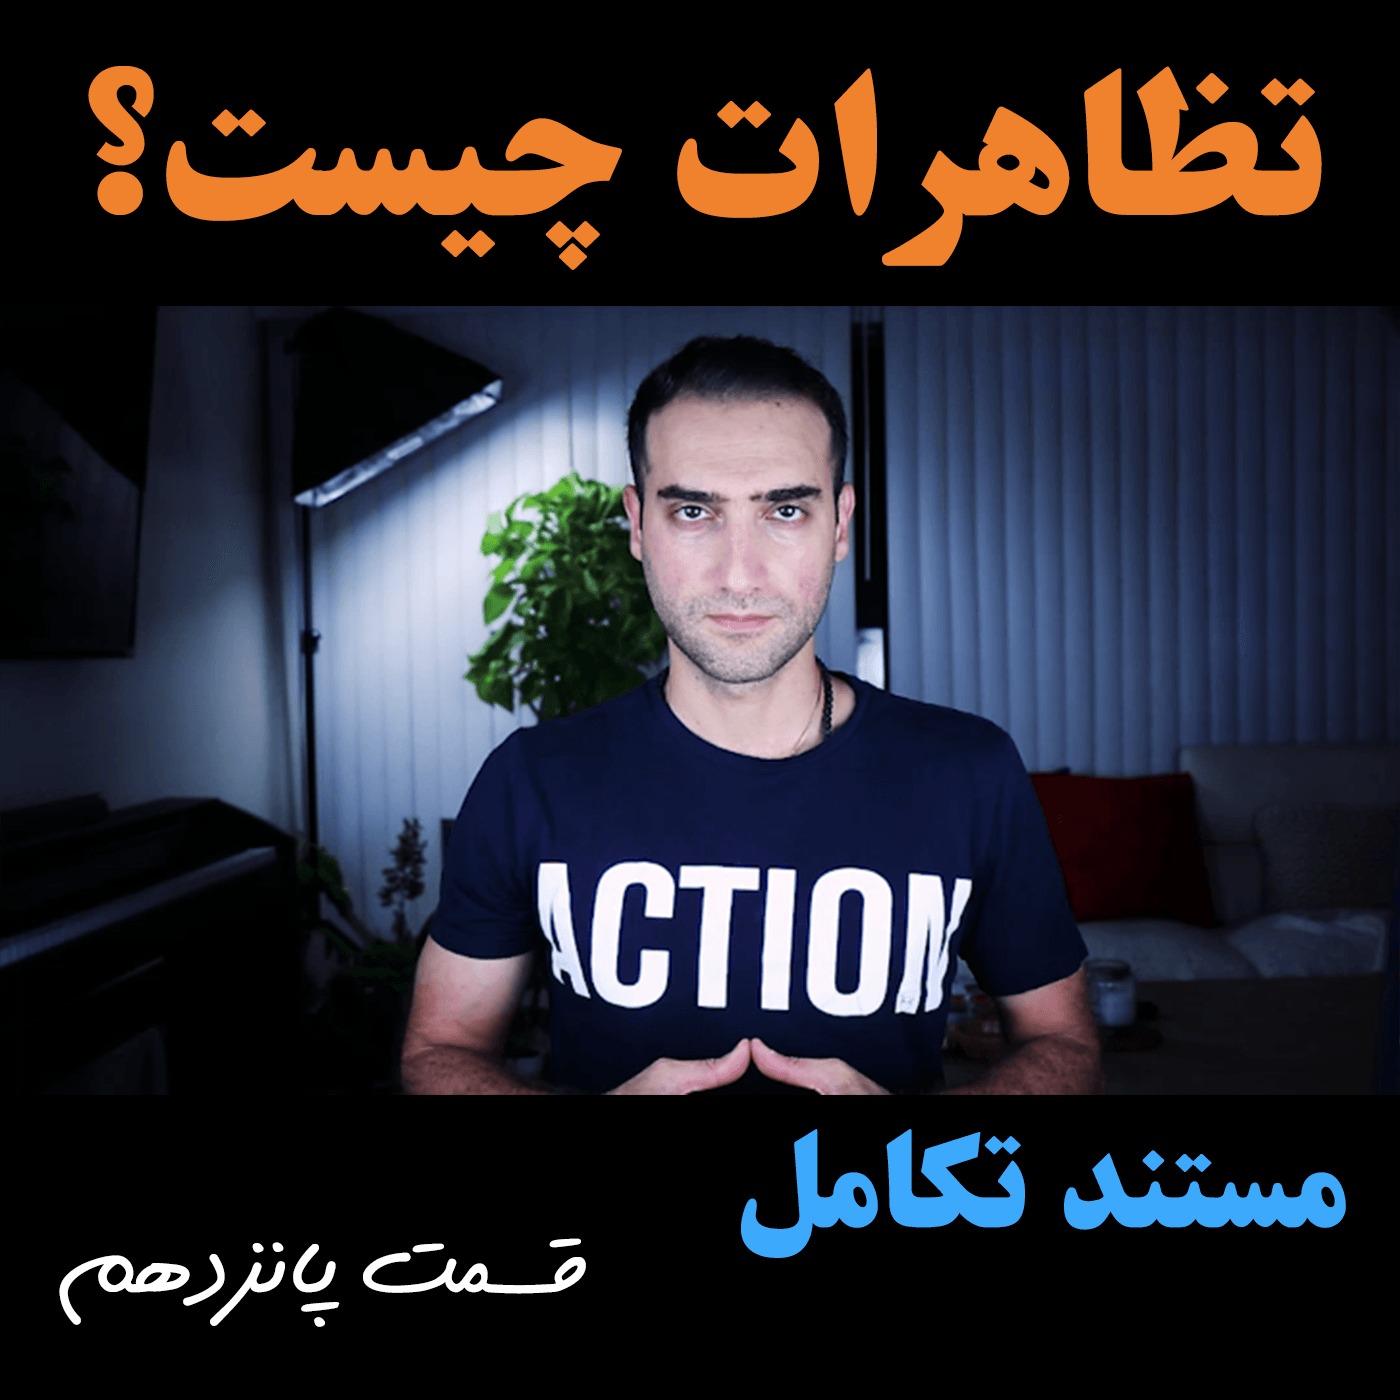 مستند تکامل - قسمت 15 - تظاهرات و اعتراض